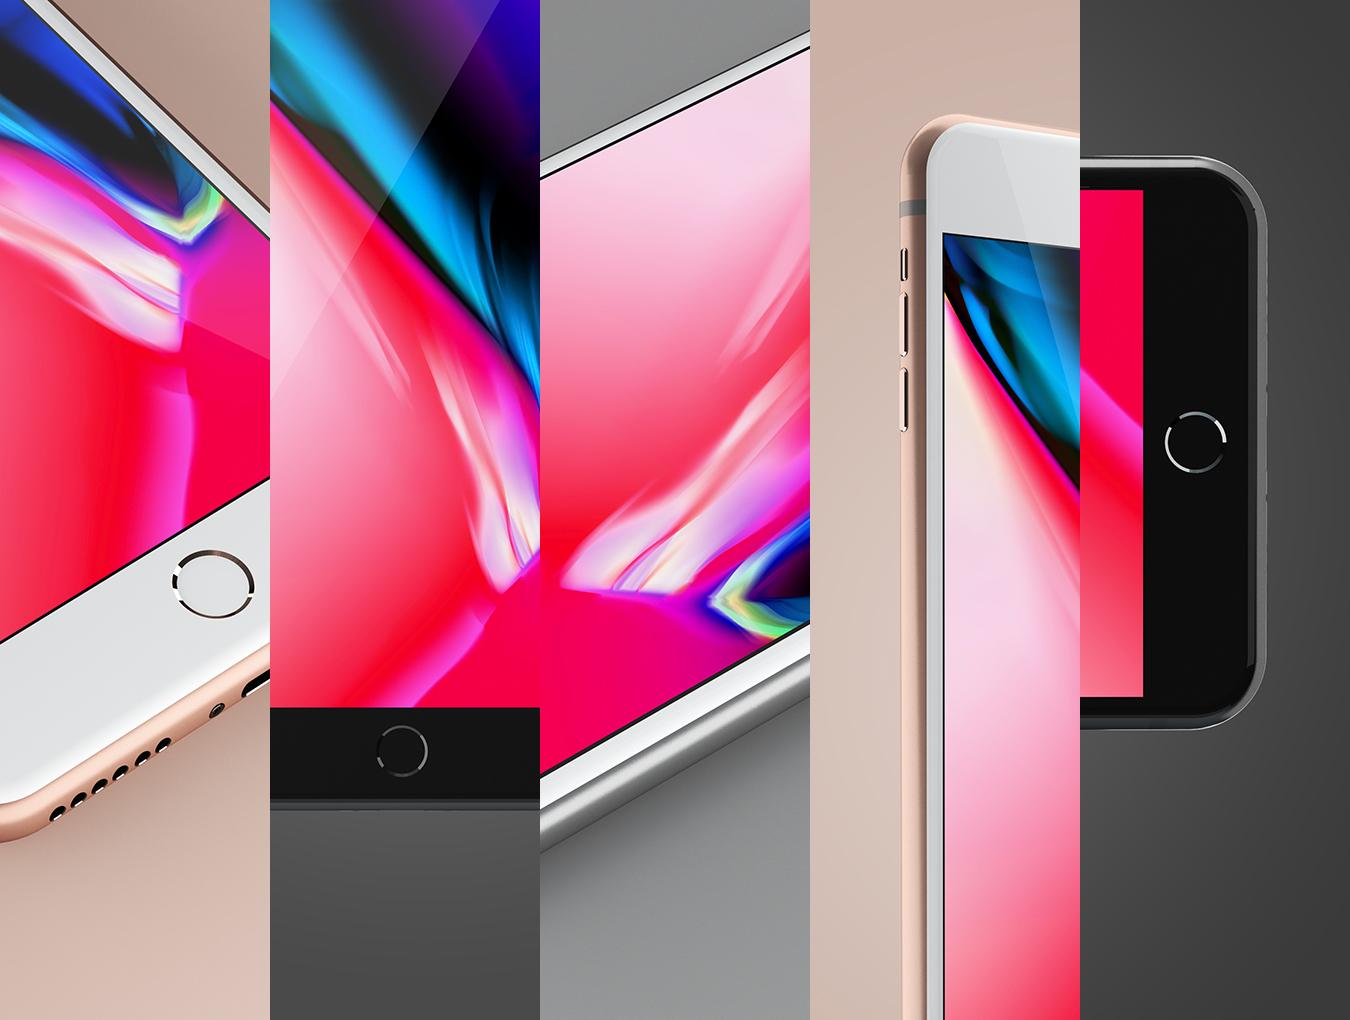 Iphone 8 plus attachment